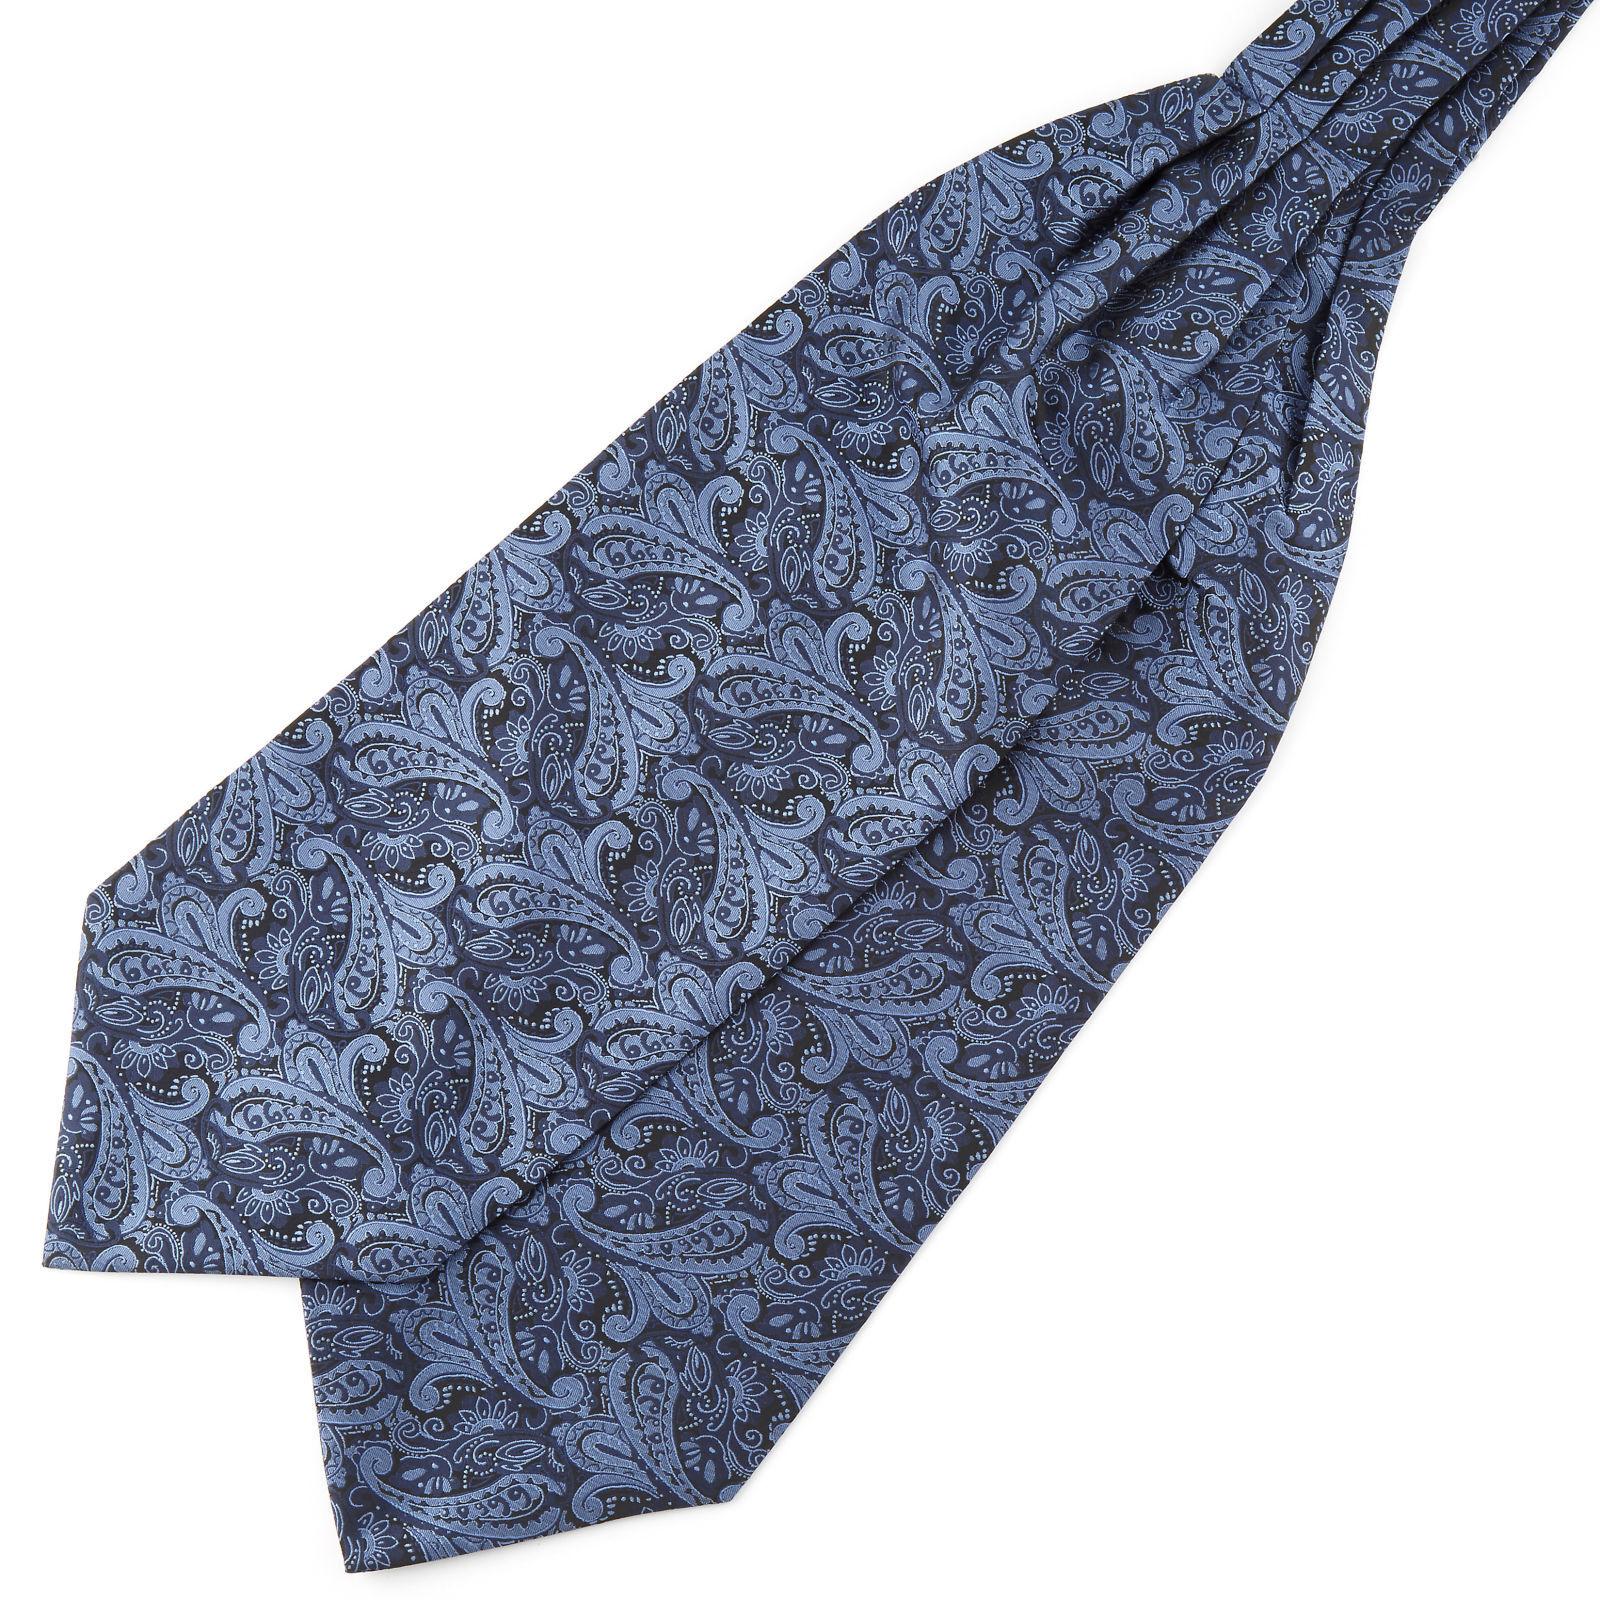 Tailor Toki Laivastonsininen & sininen kasmirkuvioinen polyesteri ascot-solmio